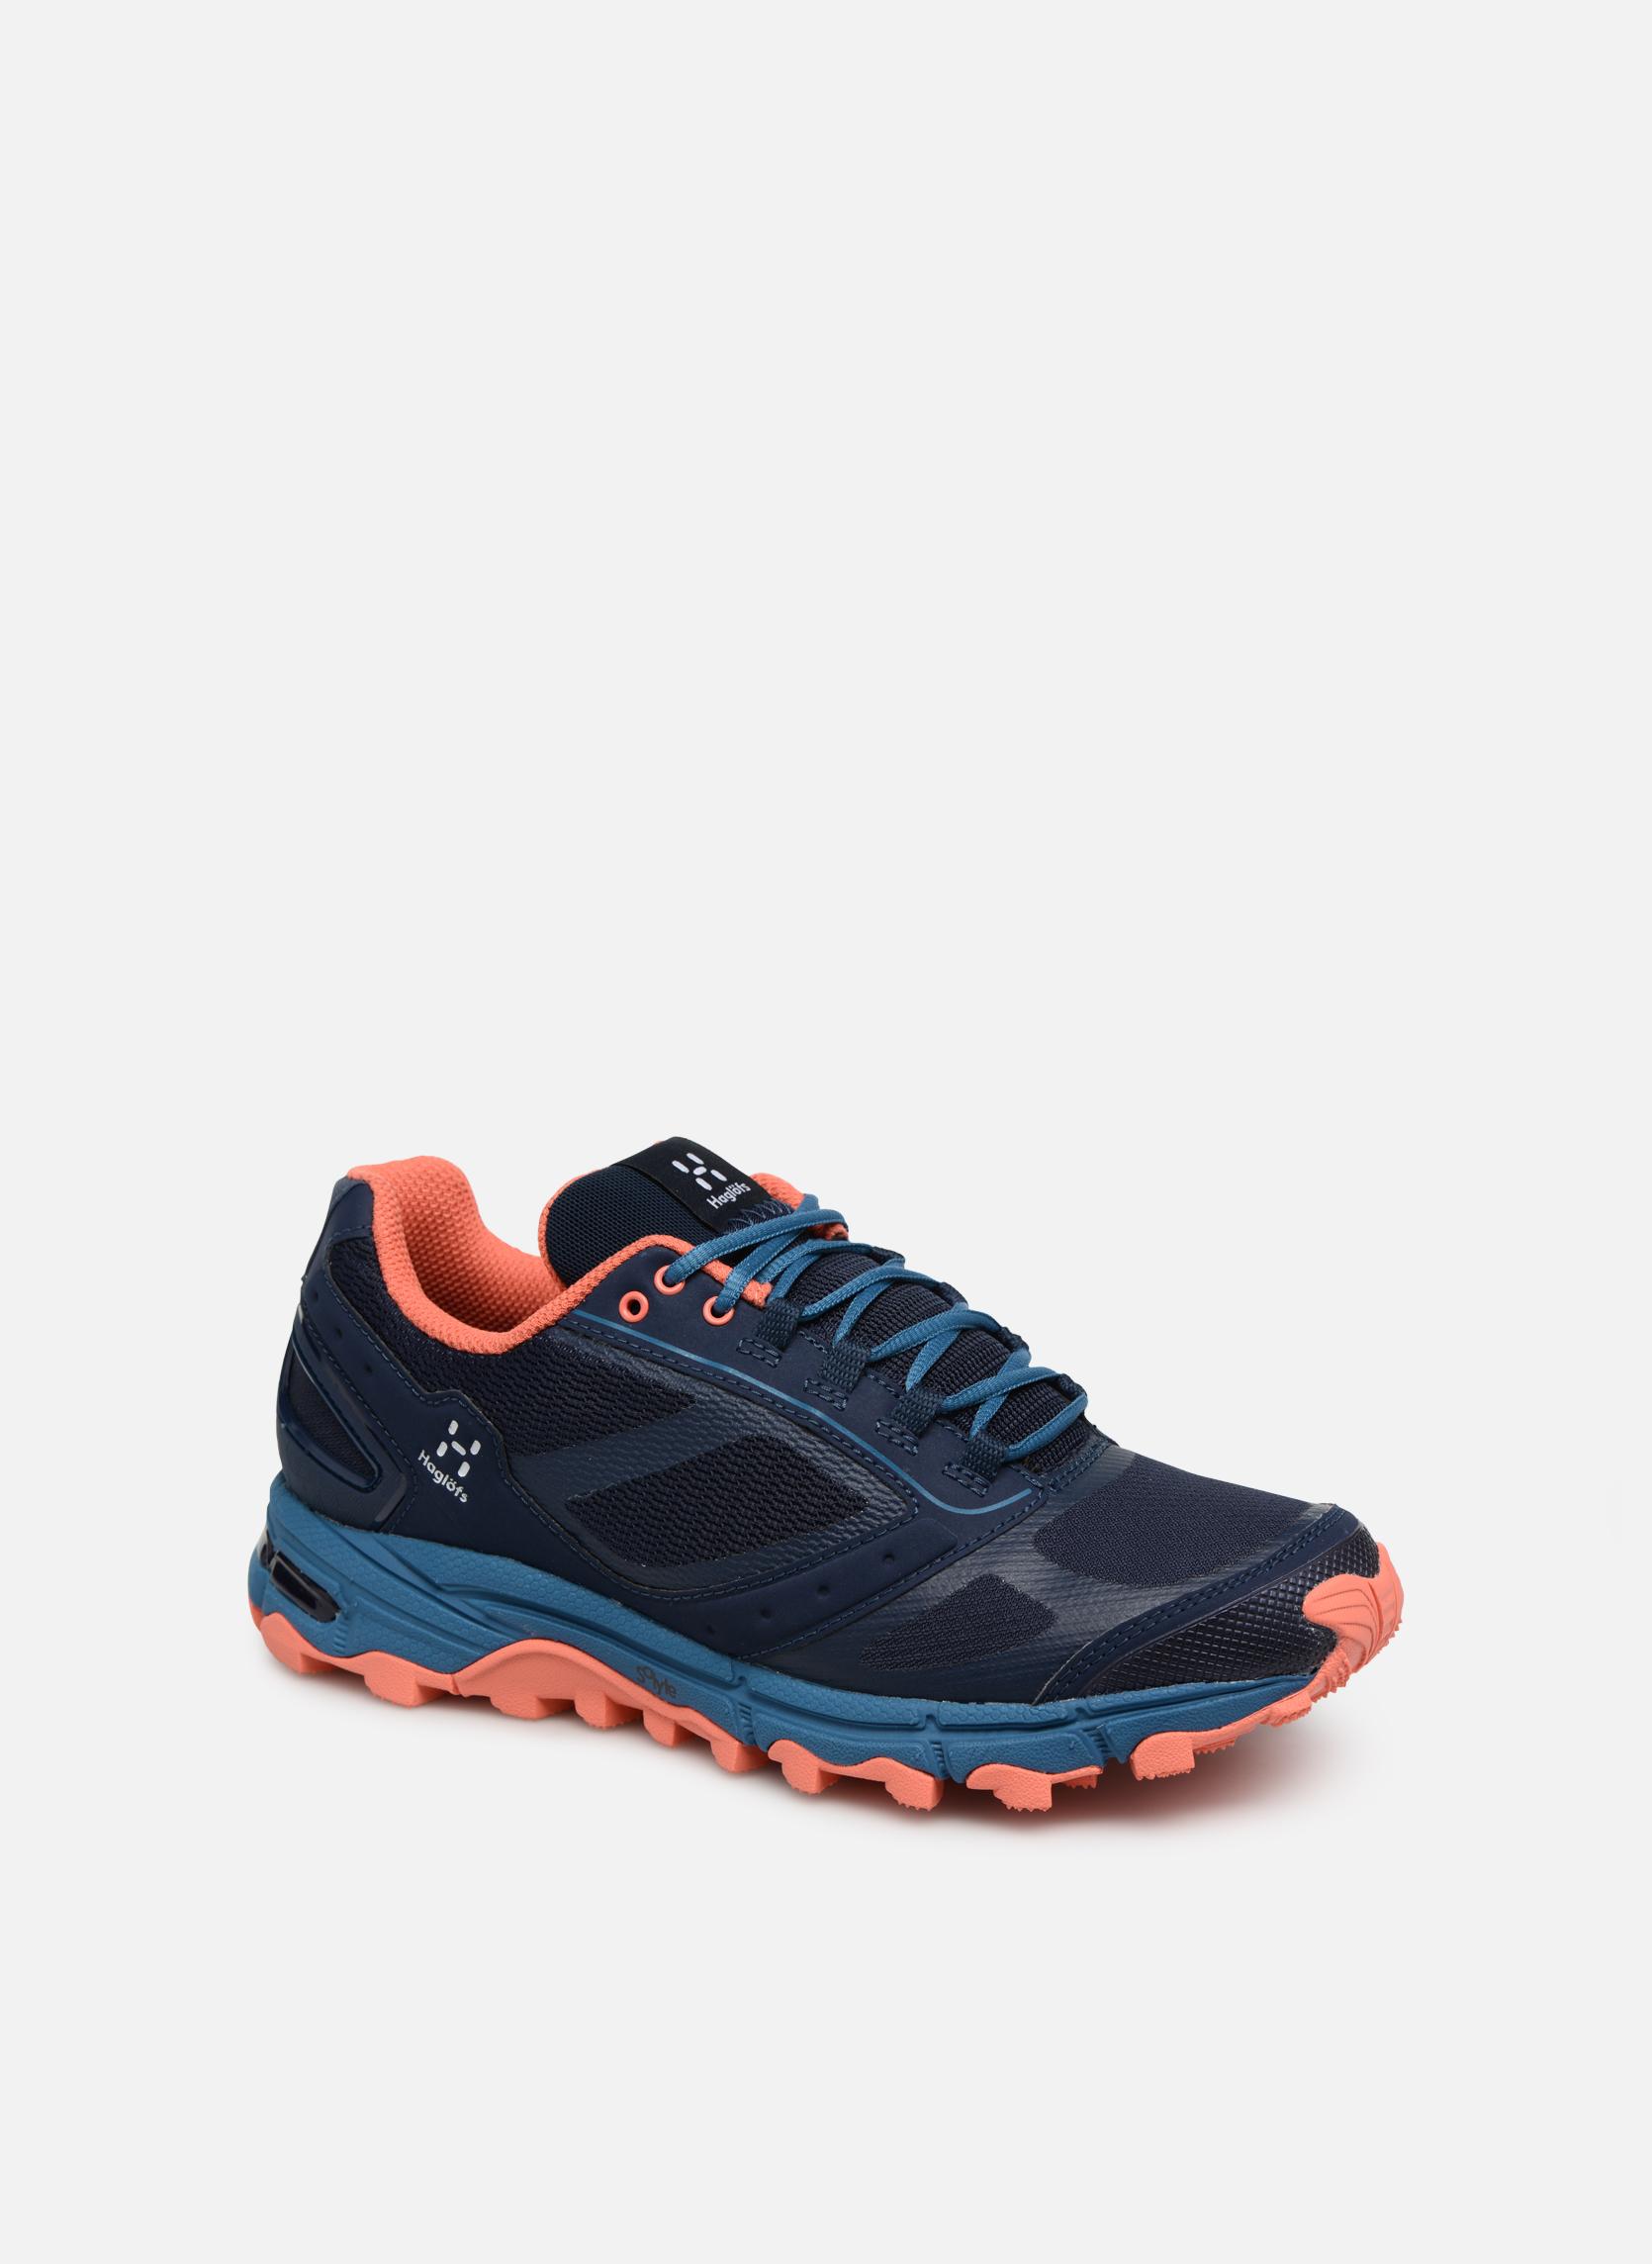 Chaussures de sport Femme Gram Gravel Women